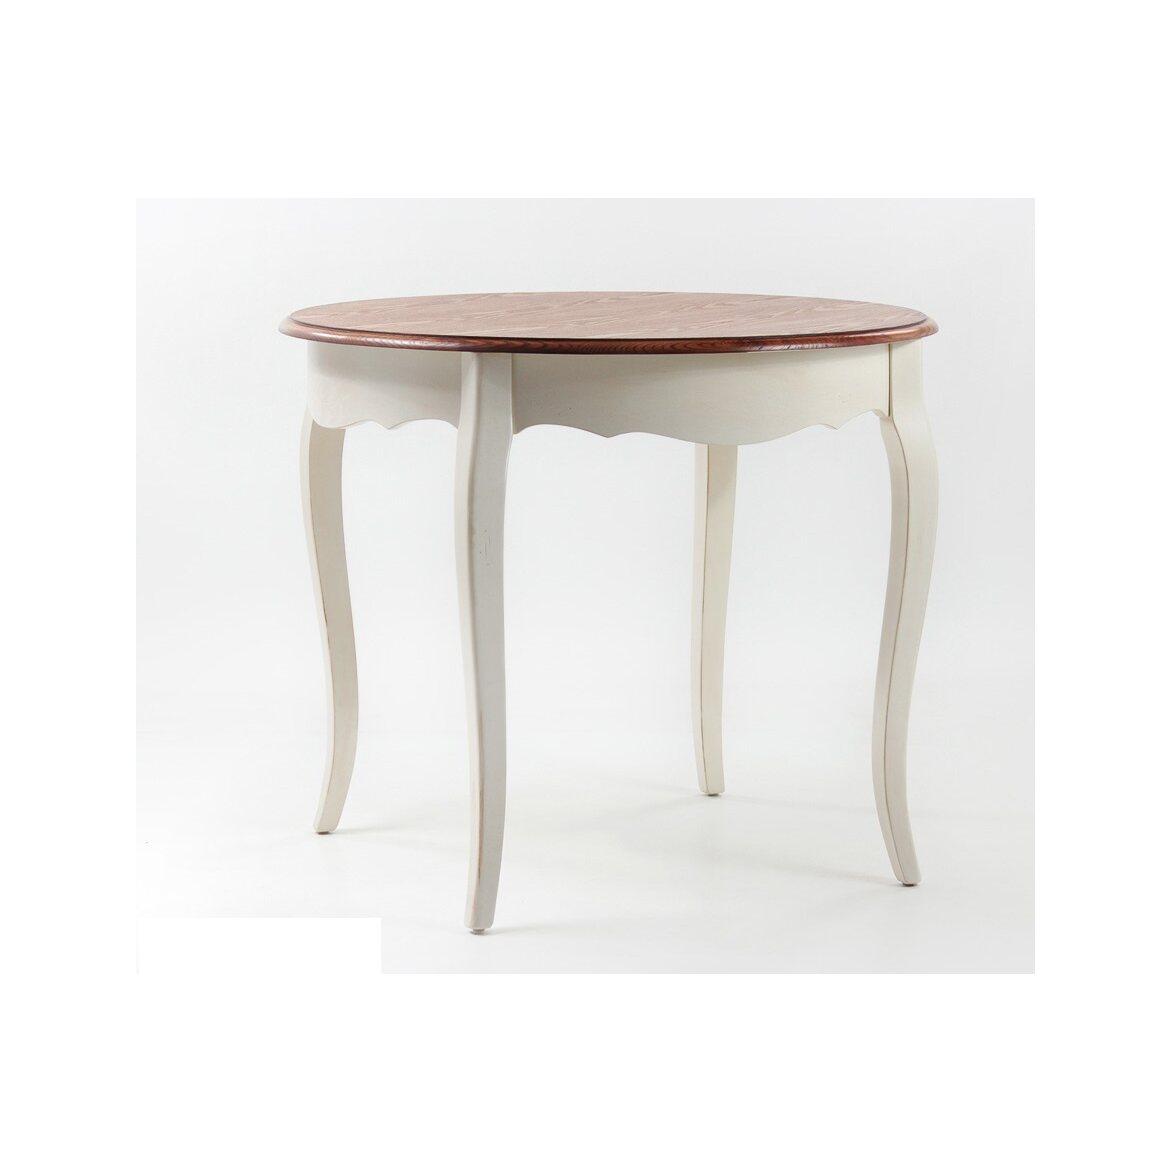 Круглый обеденный стол Leontina (малый), бежевого цвета | Обеденные столы Kingsby